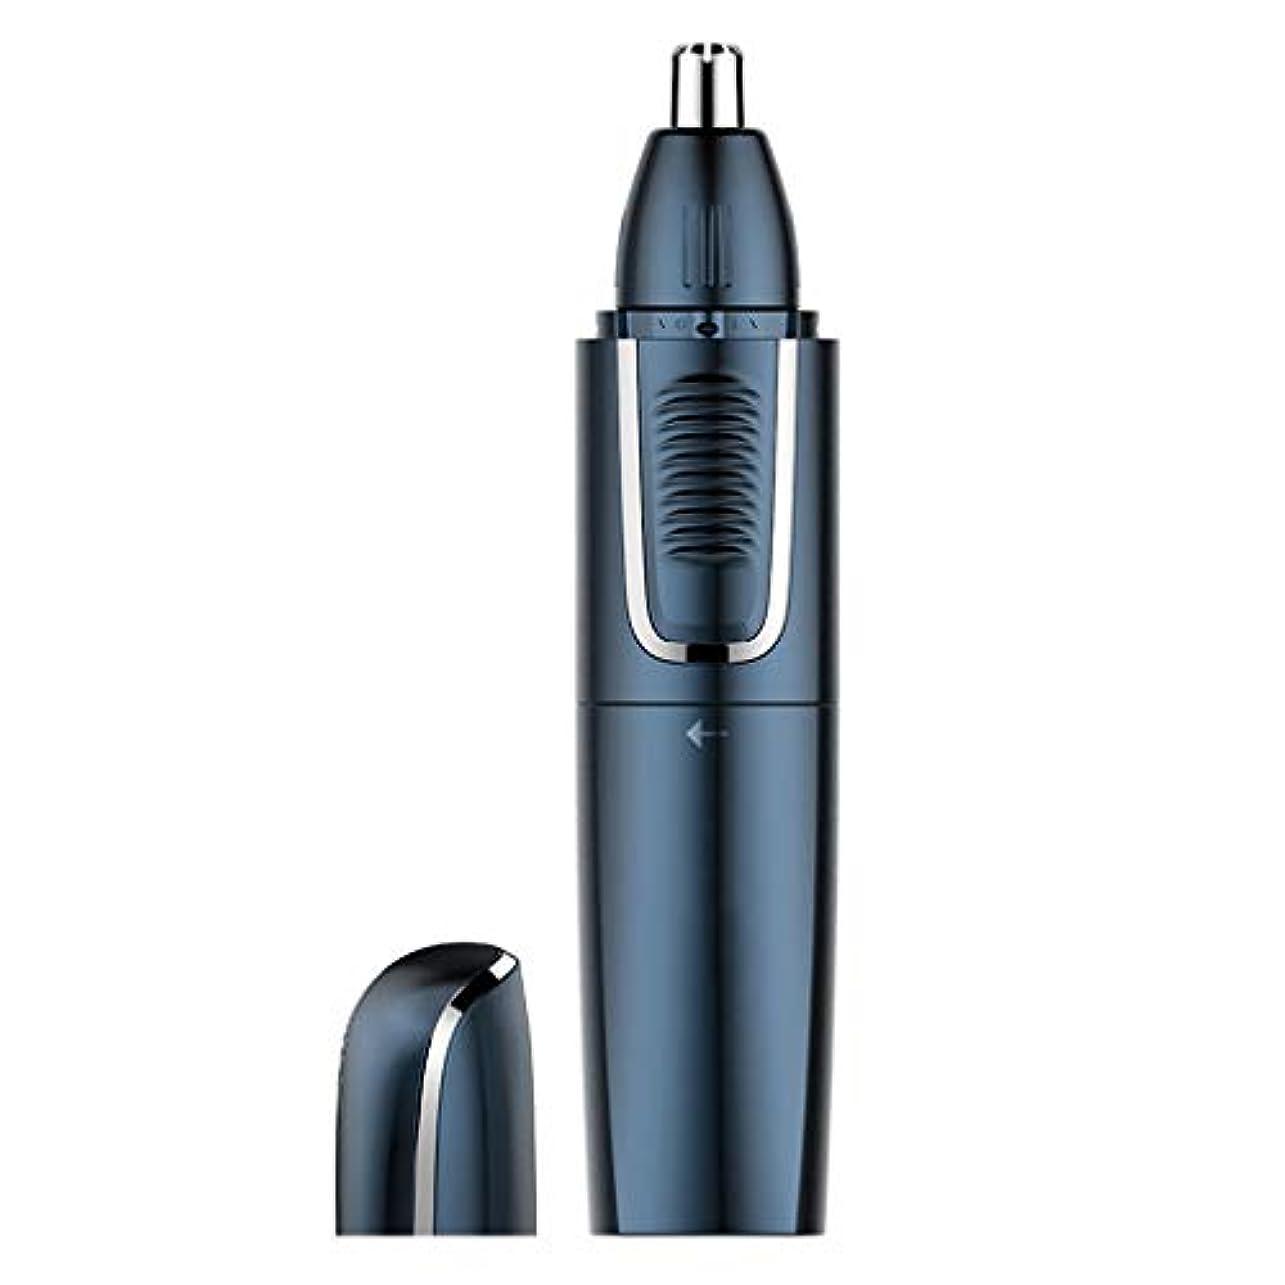 関数些細振り返るノーズヘアトリマー、スリーインワントリマー、USB充電式防水ネットトリムヘッドアンチクリップは鼻腔を傷つけません、男性と女性用